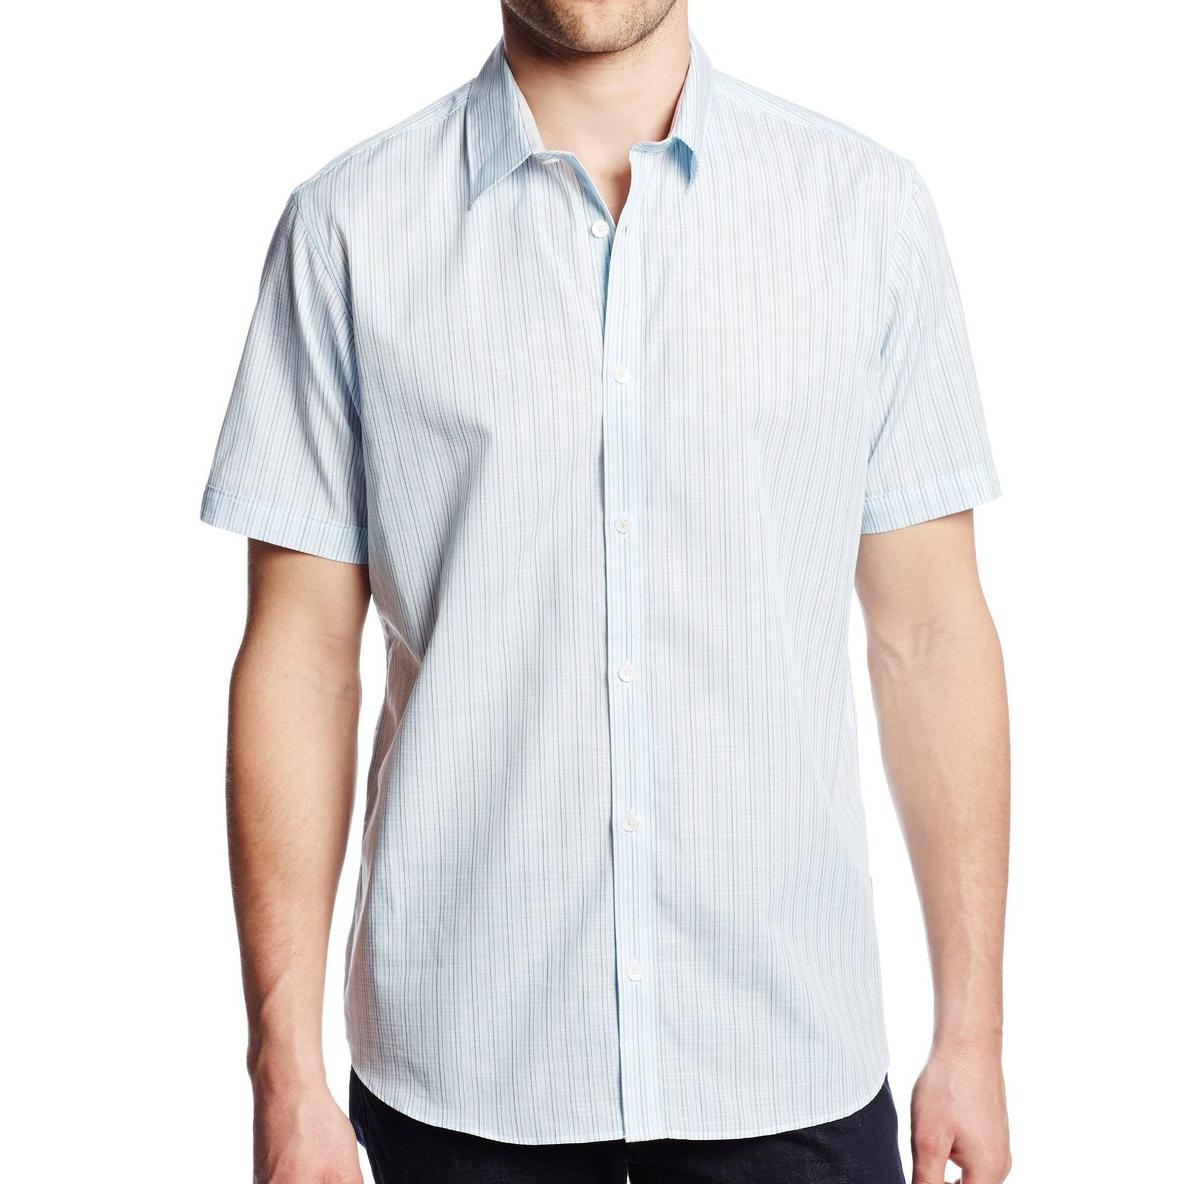 美國百分百【全新真品】Calvin Klein 襯衫 CK 男衣 短袖 水藍色 條紋 休閒 襯衫 上衣 S號 E198